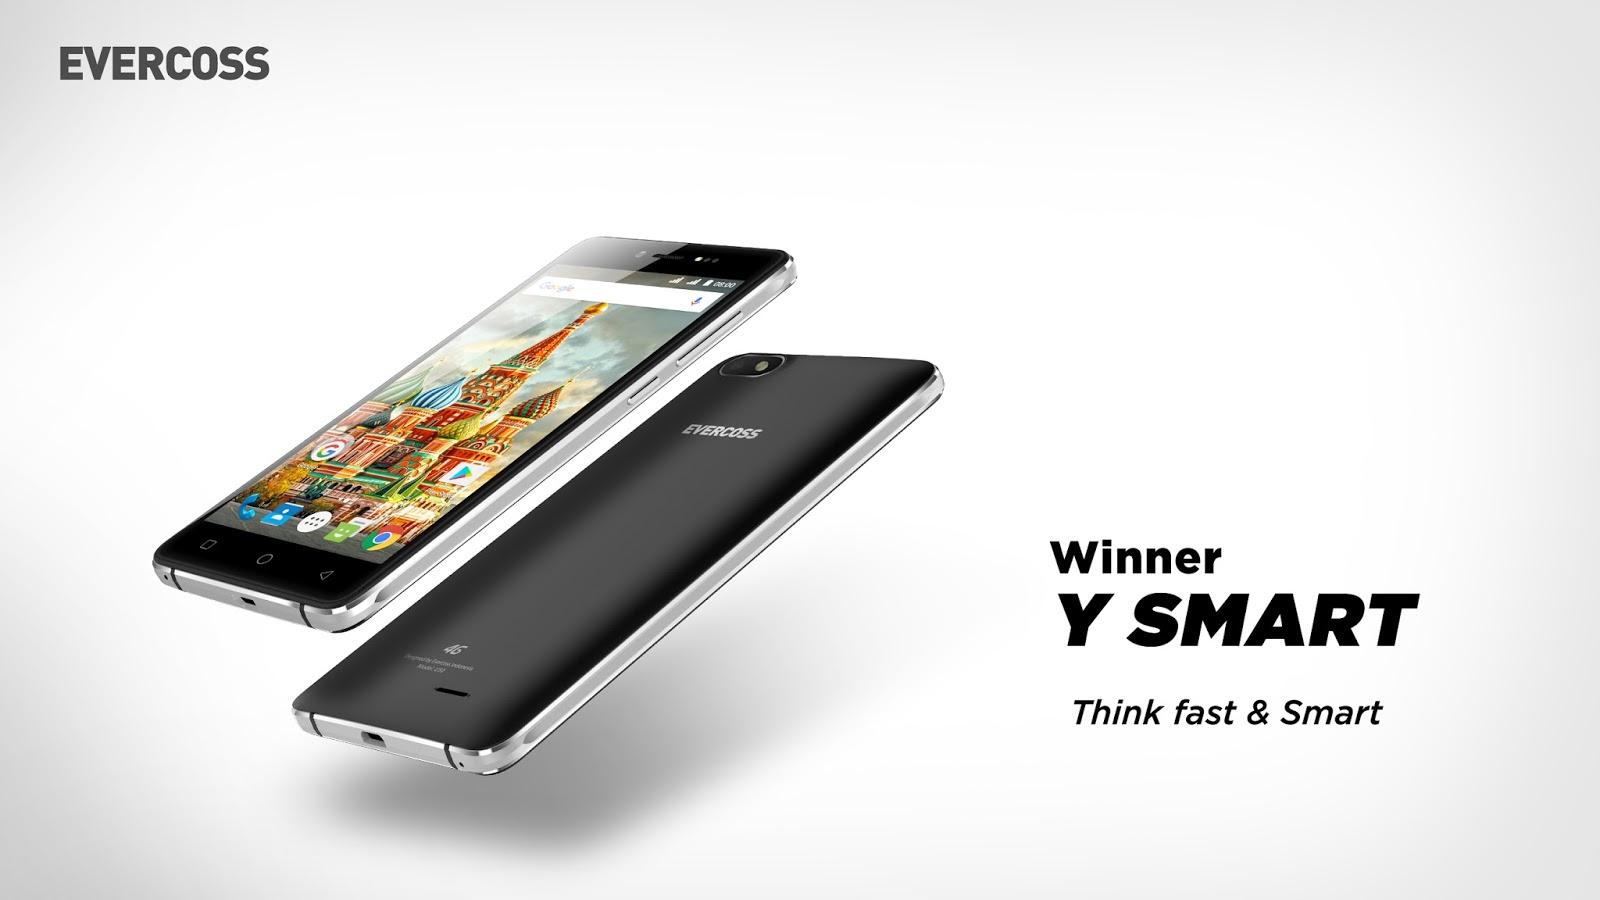 Download Firmware Evercoss Winner Y Smart U50